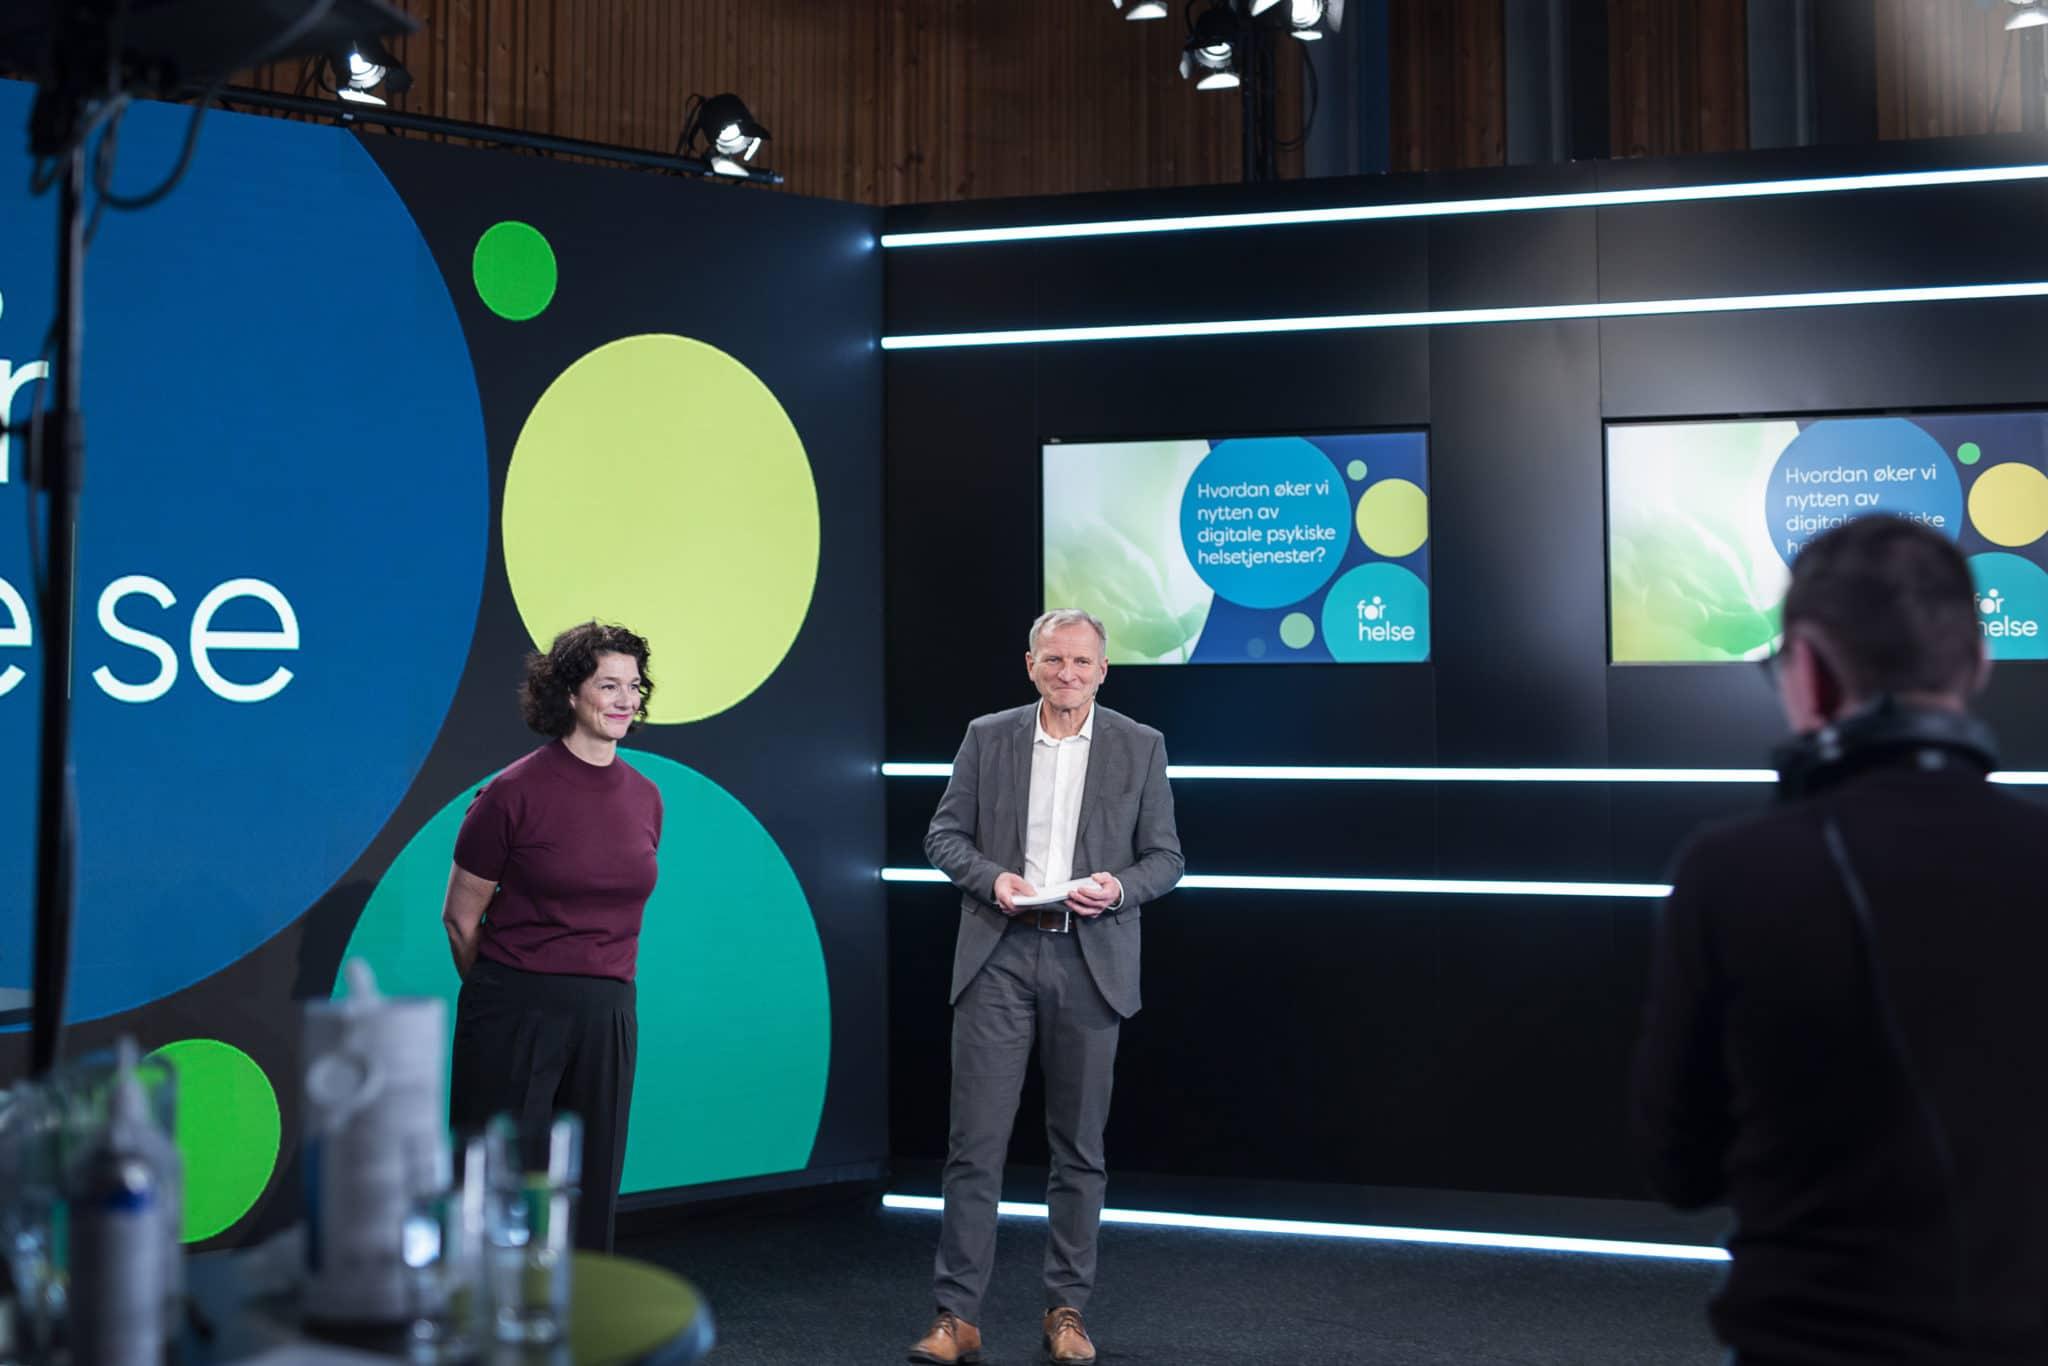 Senterleiar Tine Nordgreen og sjukehusdirektør Eivind Hansen leia den digitale opningssendinga.